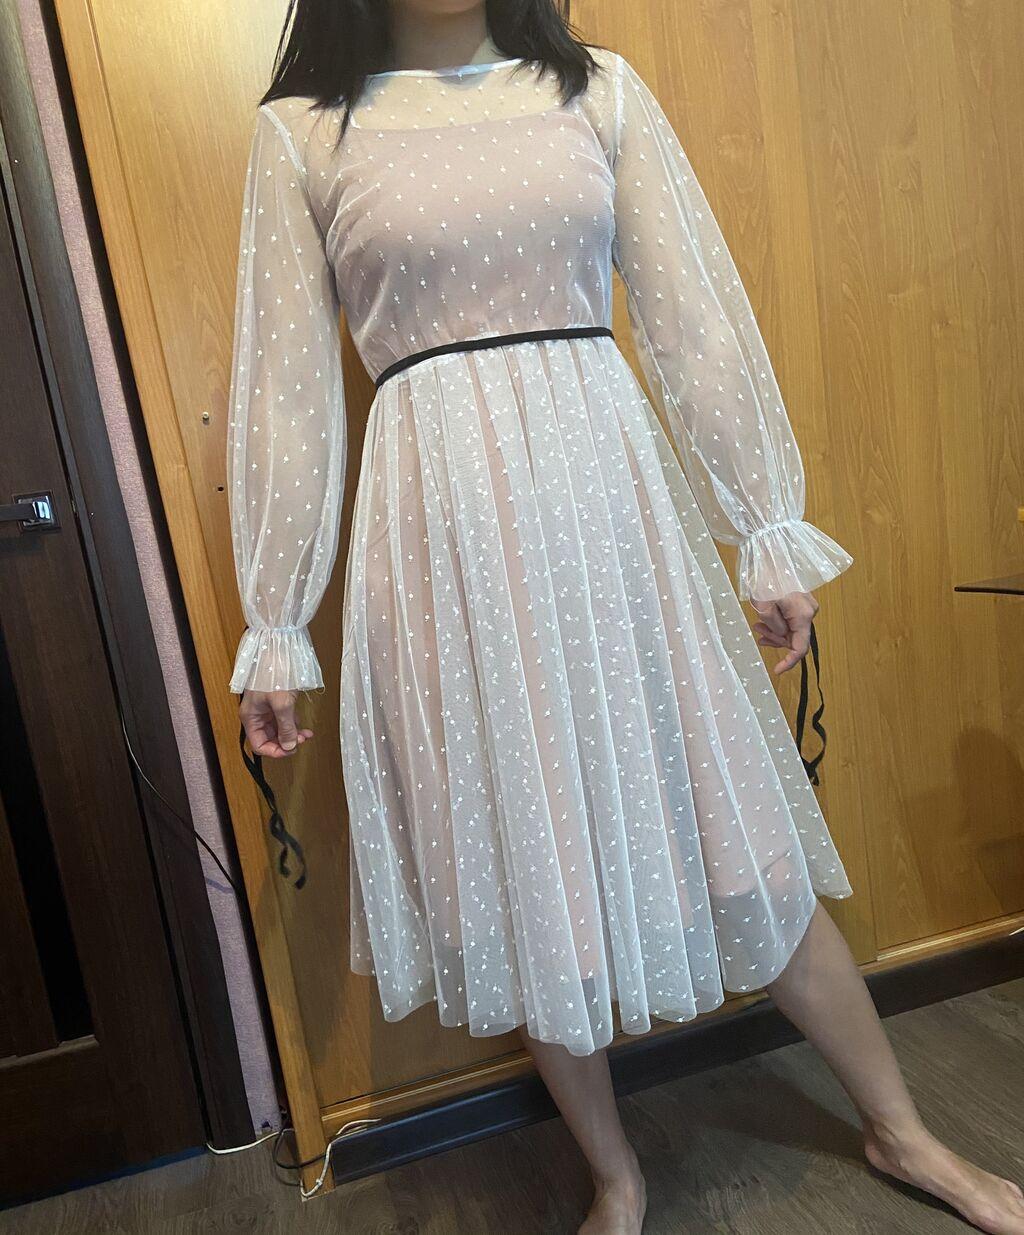 Продаю платье в идеальном состоянии. Размер 42-44. Надето 1 раз: Продаю платье в идеальном состоянии. Размер 42-44. Надето 1 раз.